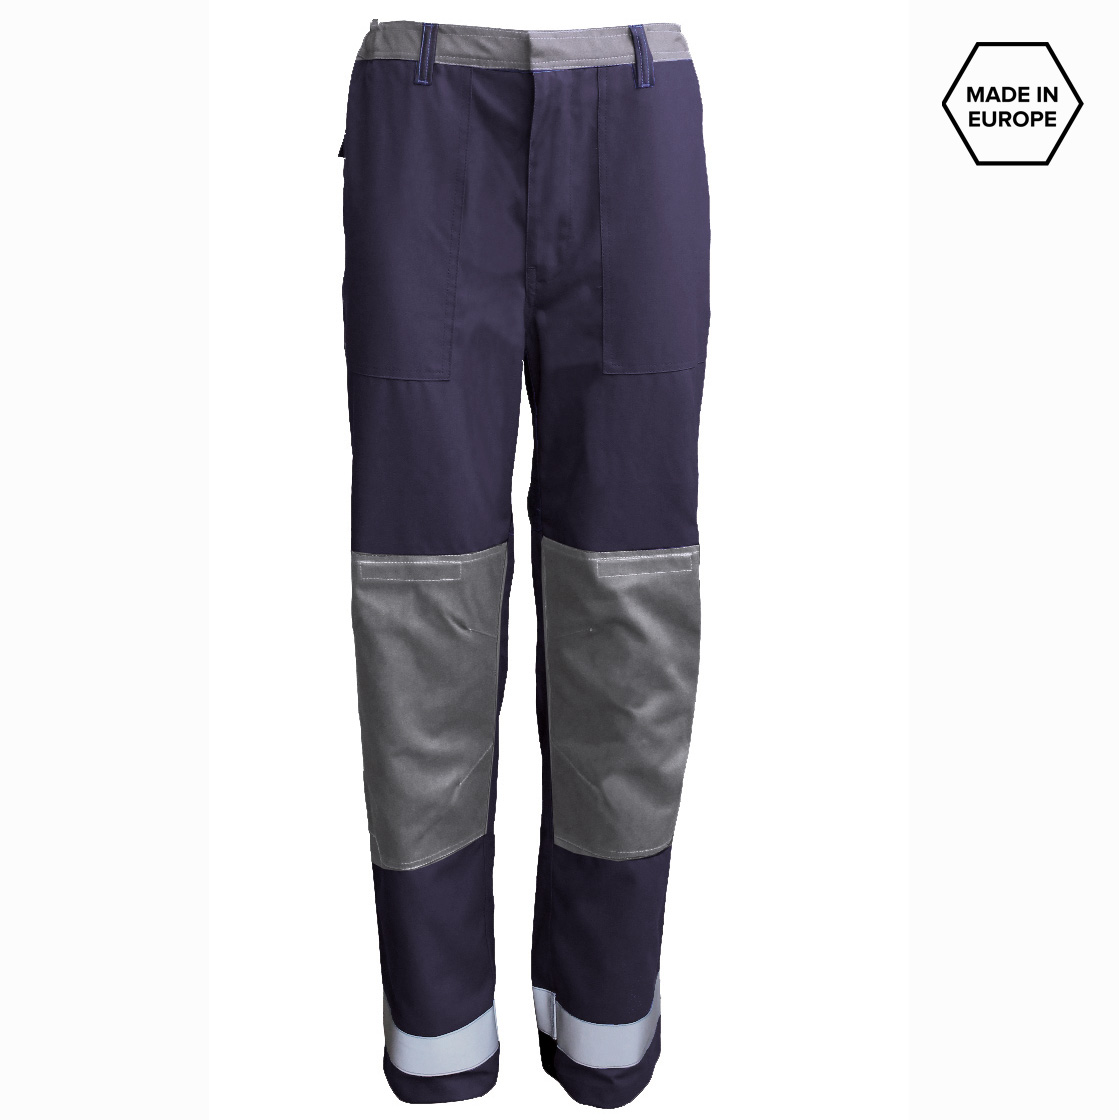 Zaštitne radne hlače EREBUS navy